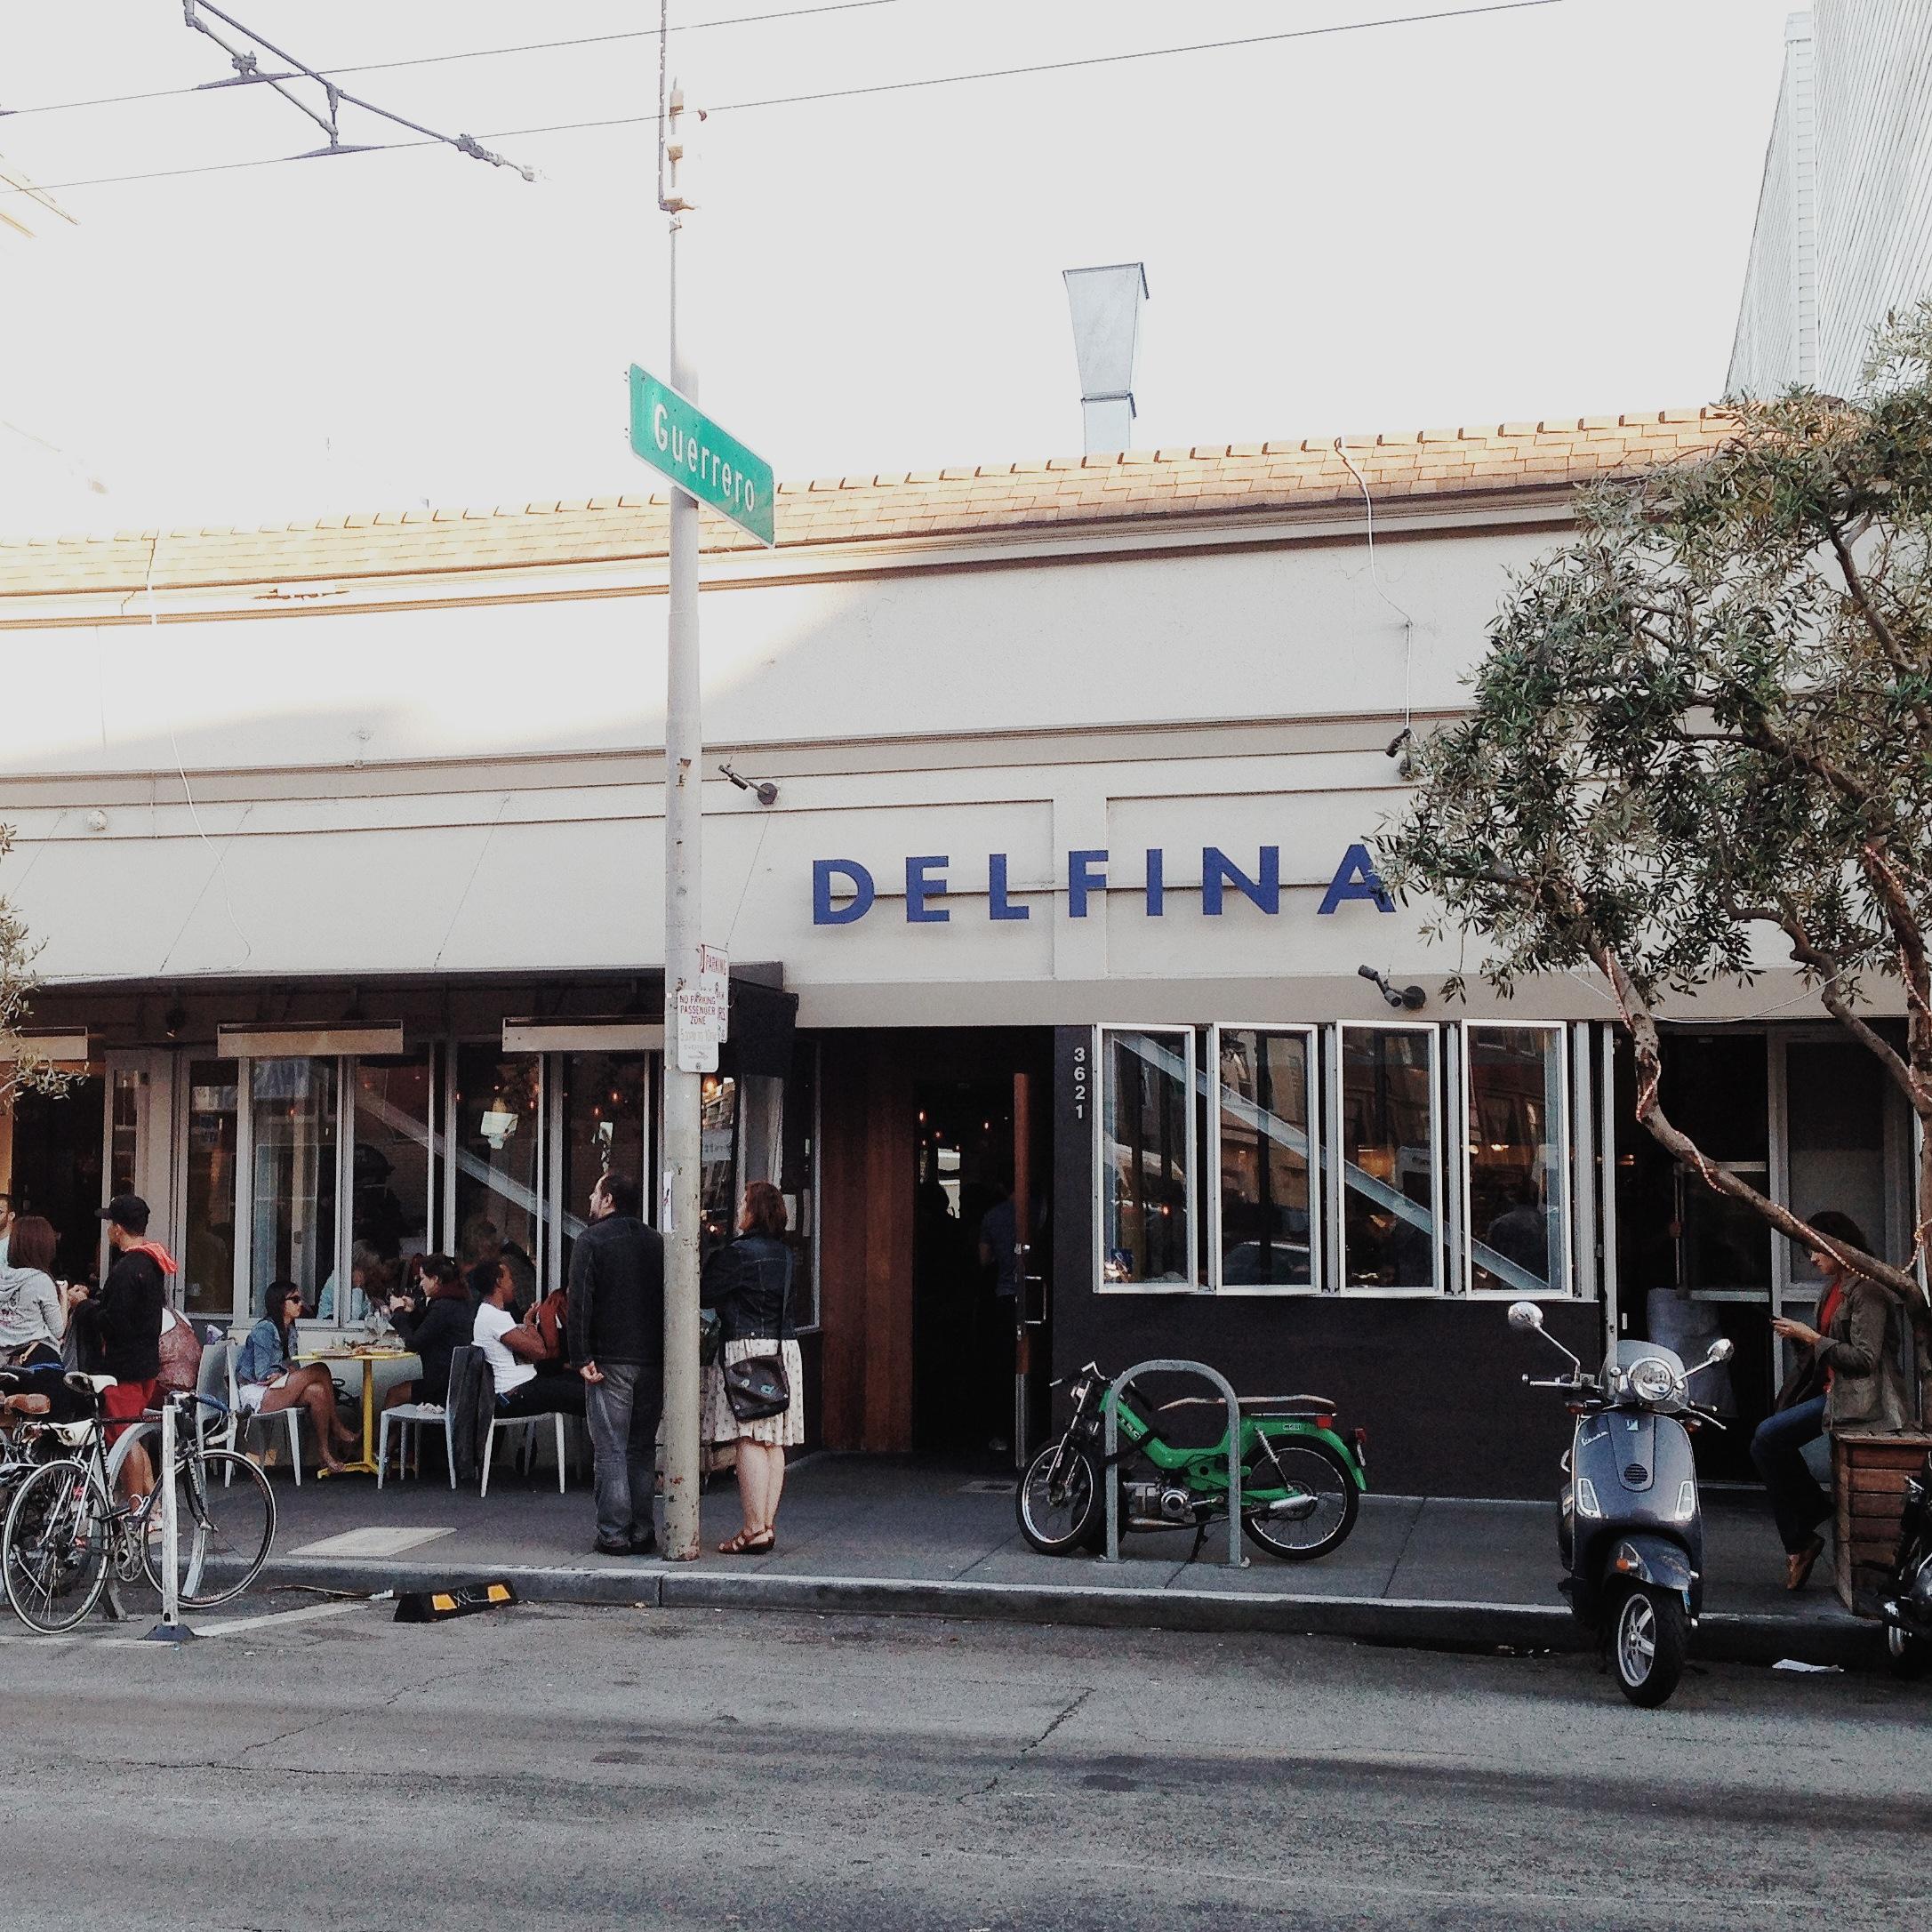 Pizzeria Delfina.JPG